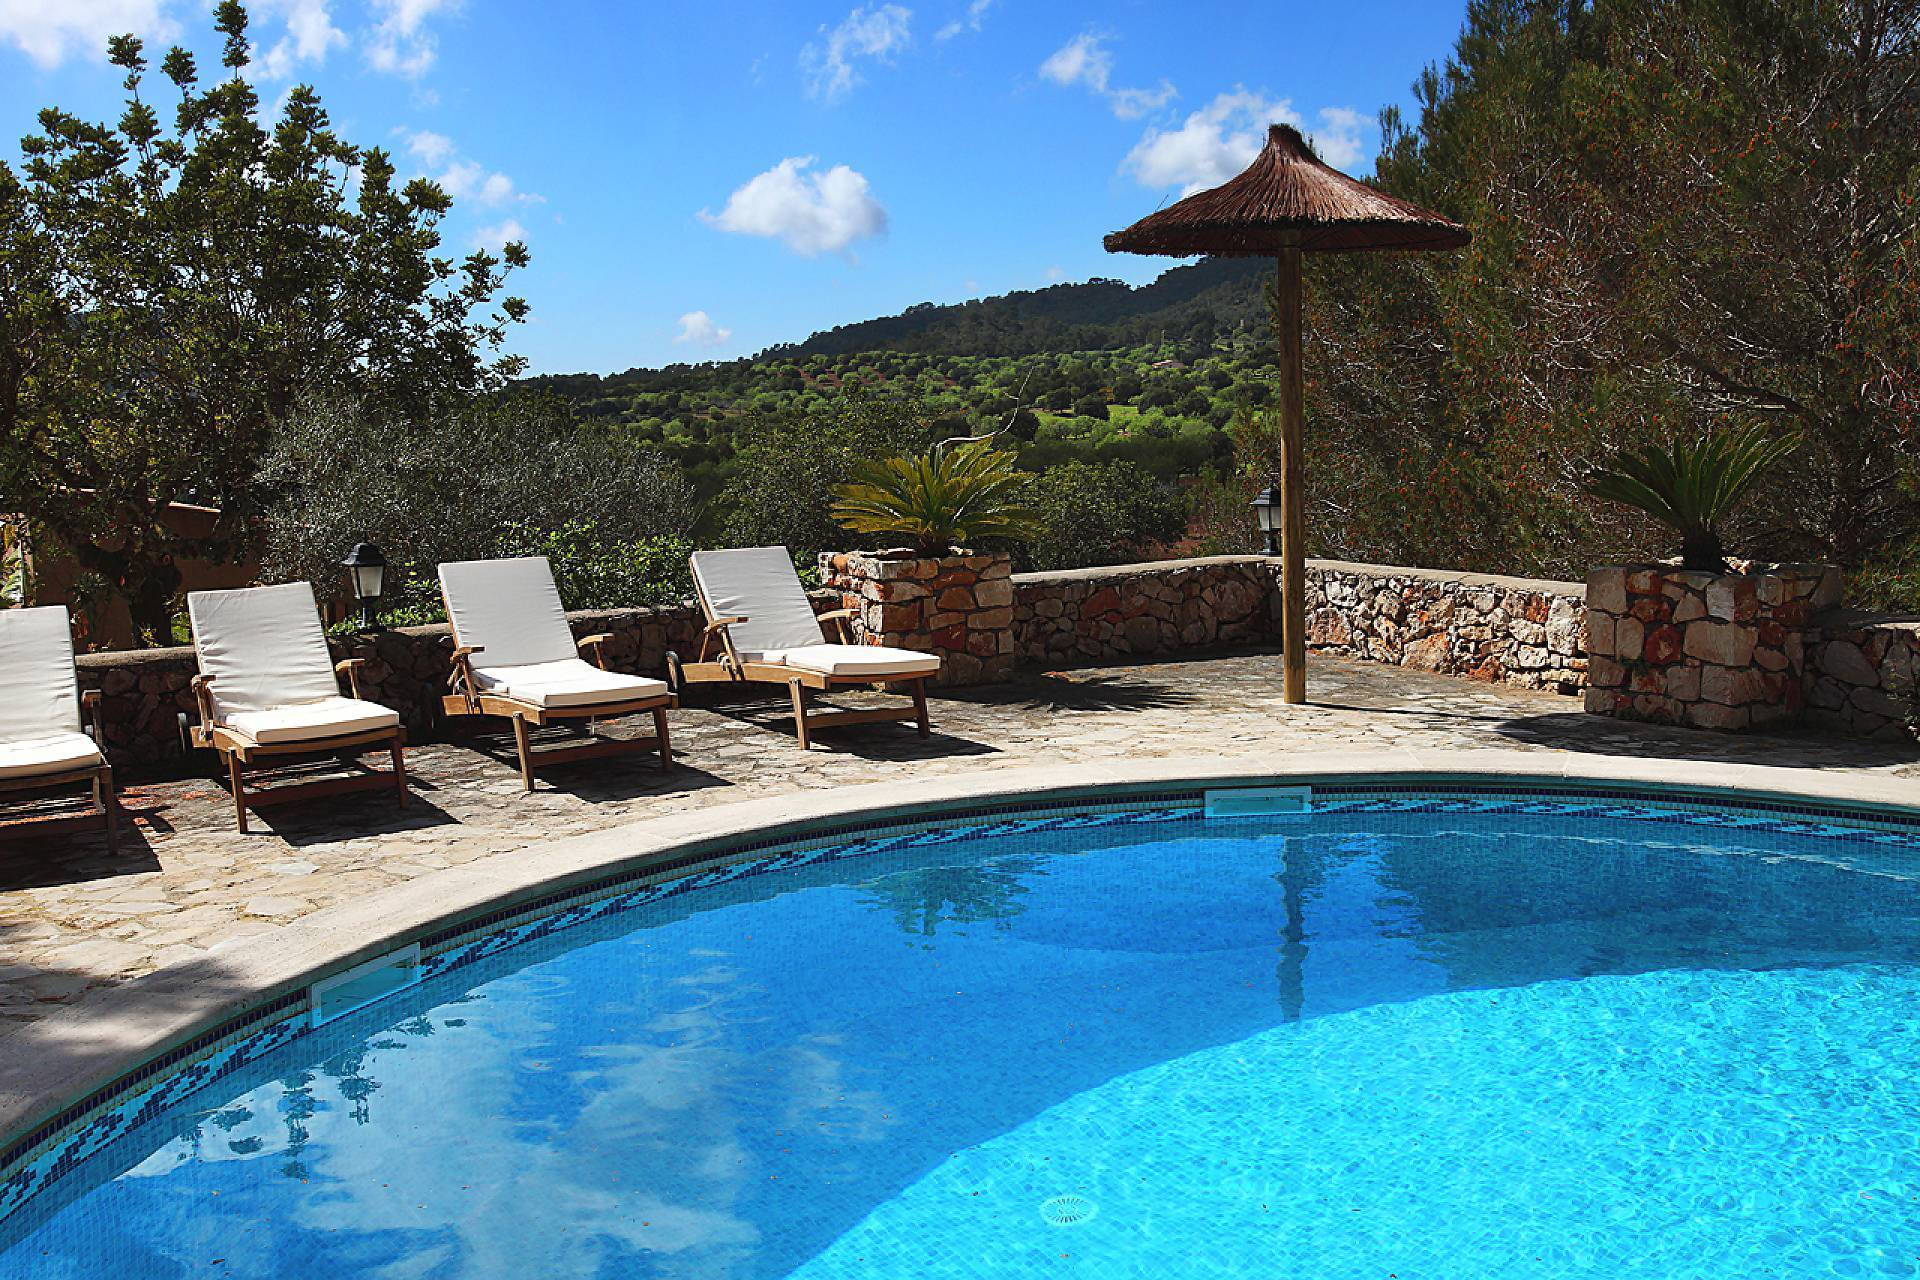 01-138 wintertaugliche Finca  Mallorca Osten Bild 3